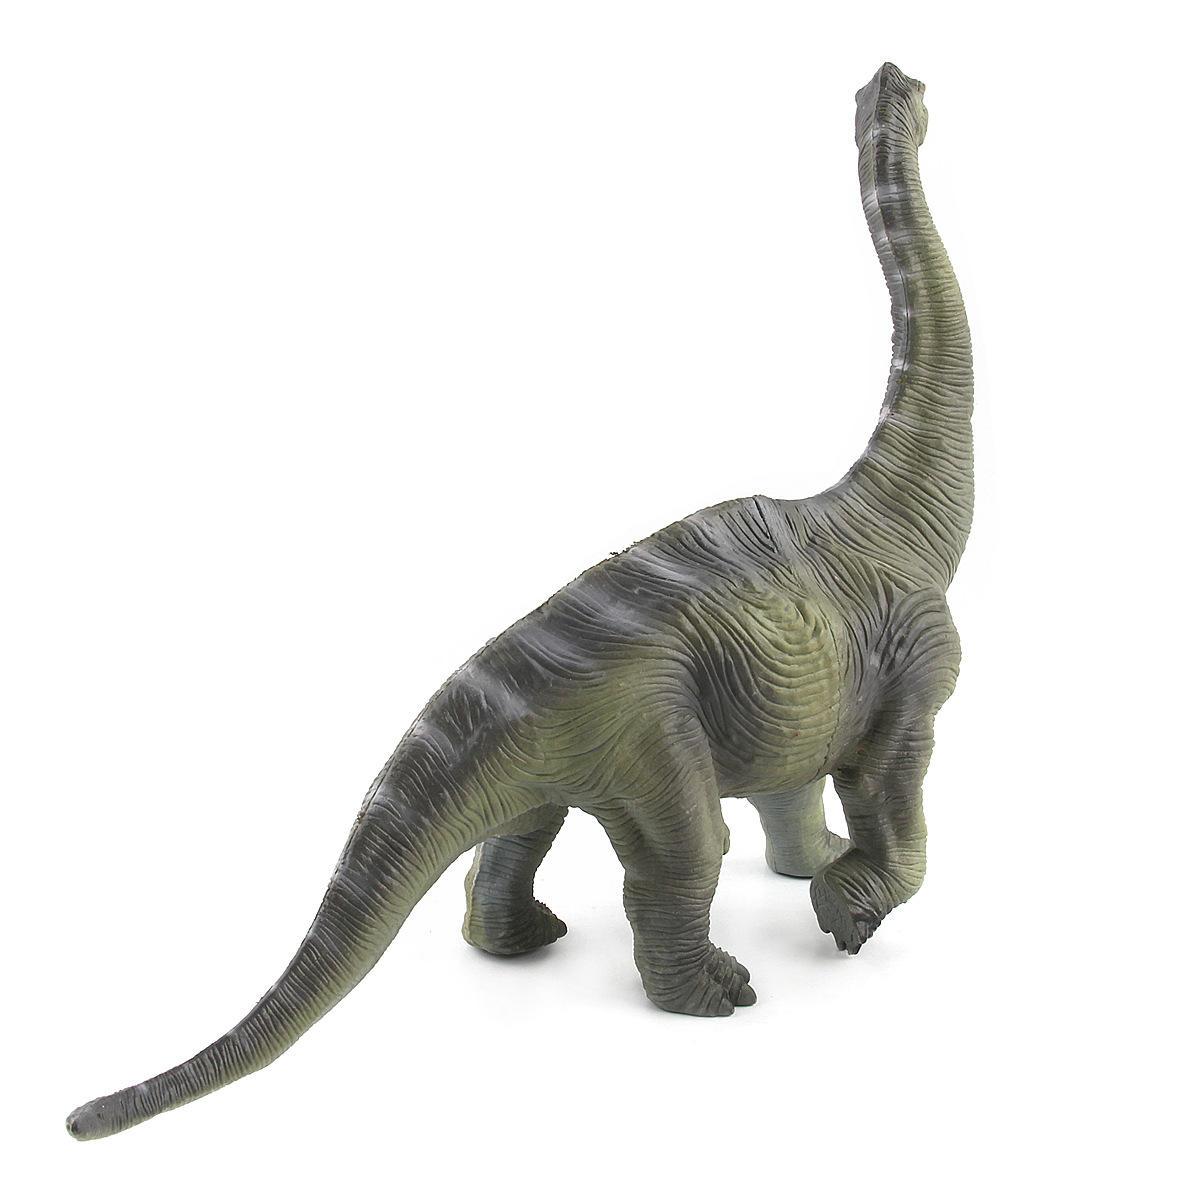 Большая игрушка динозавров Brachiosaurus Реалистичная твердая пластиковая модель Diecast для детей - 7